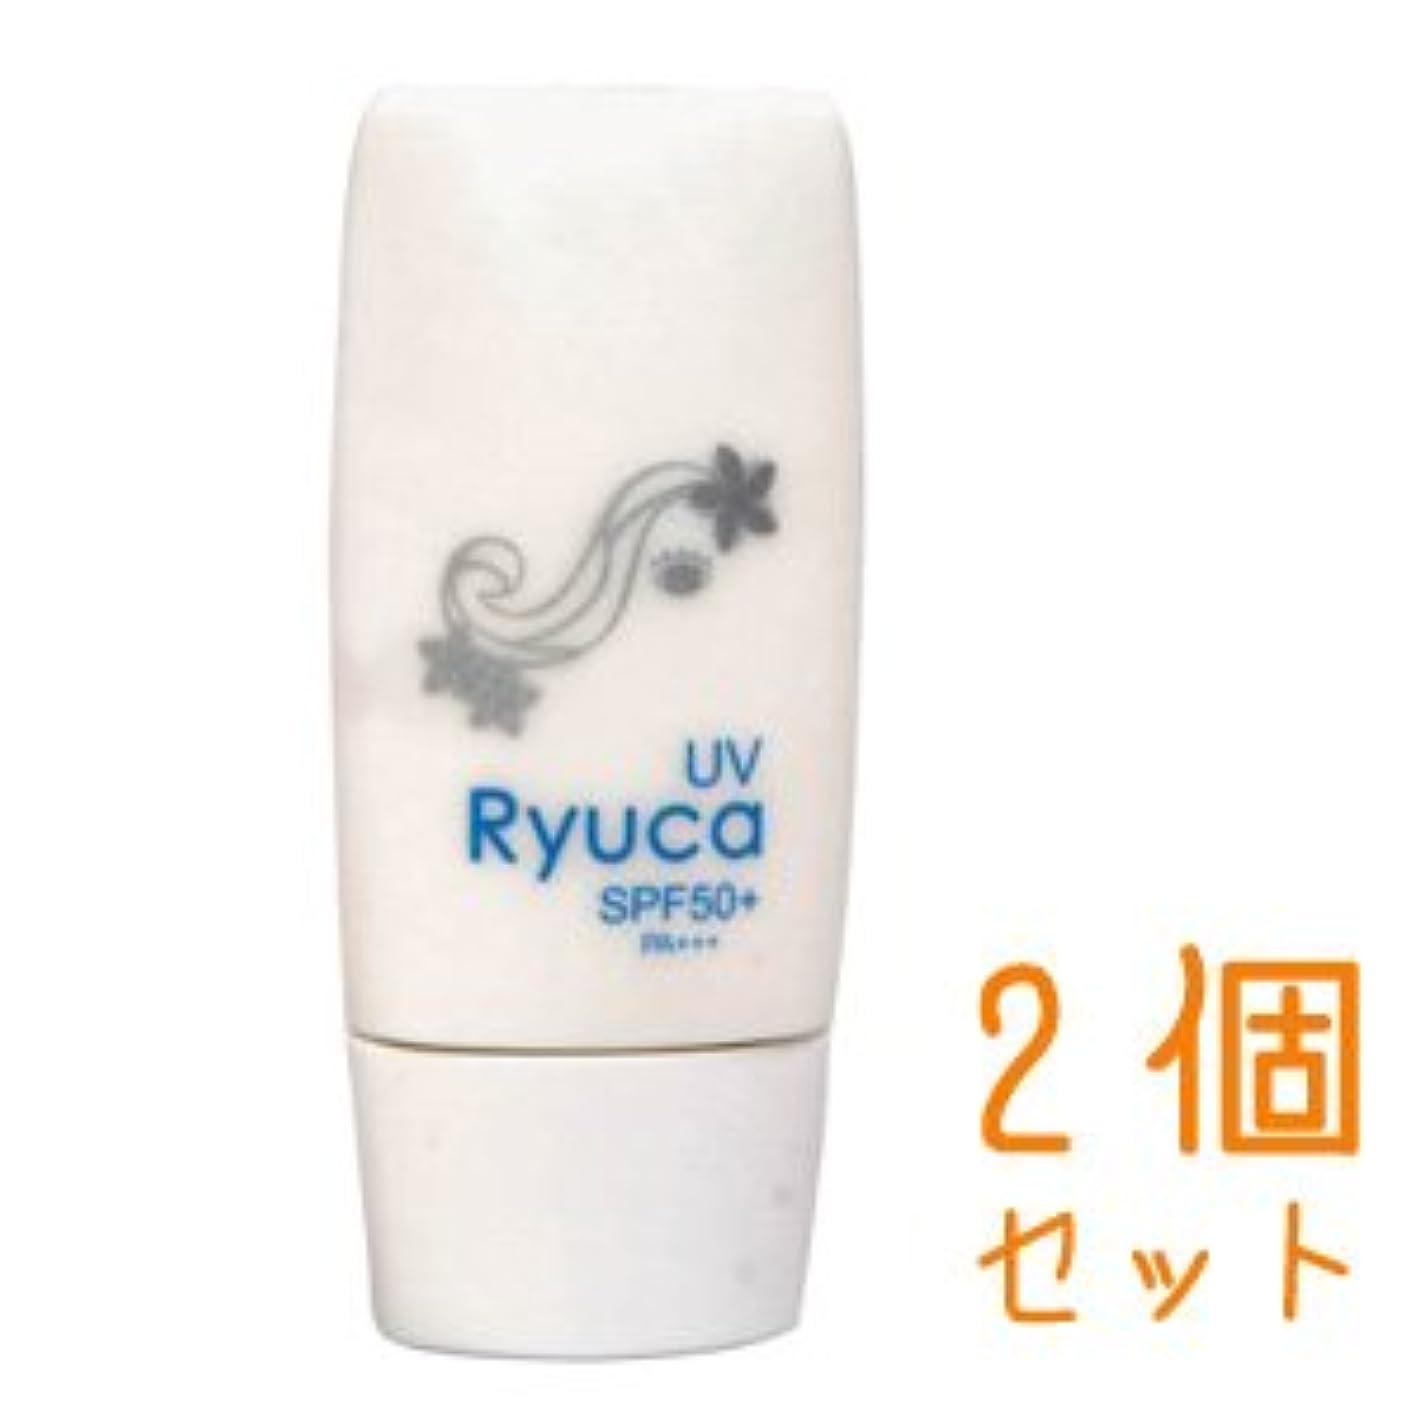 持っている繰り返すブランチ日焼け止め 琉香UVミルク SPF50 30ml×2個